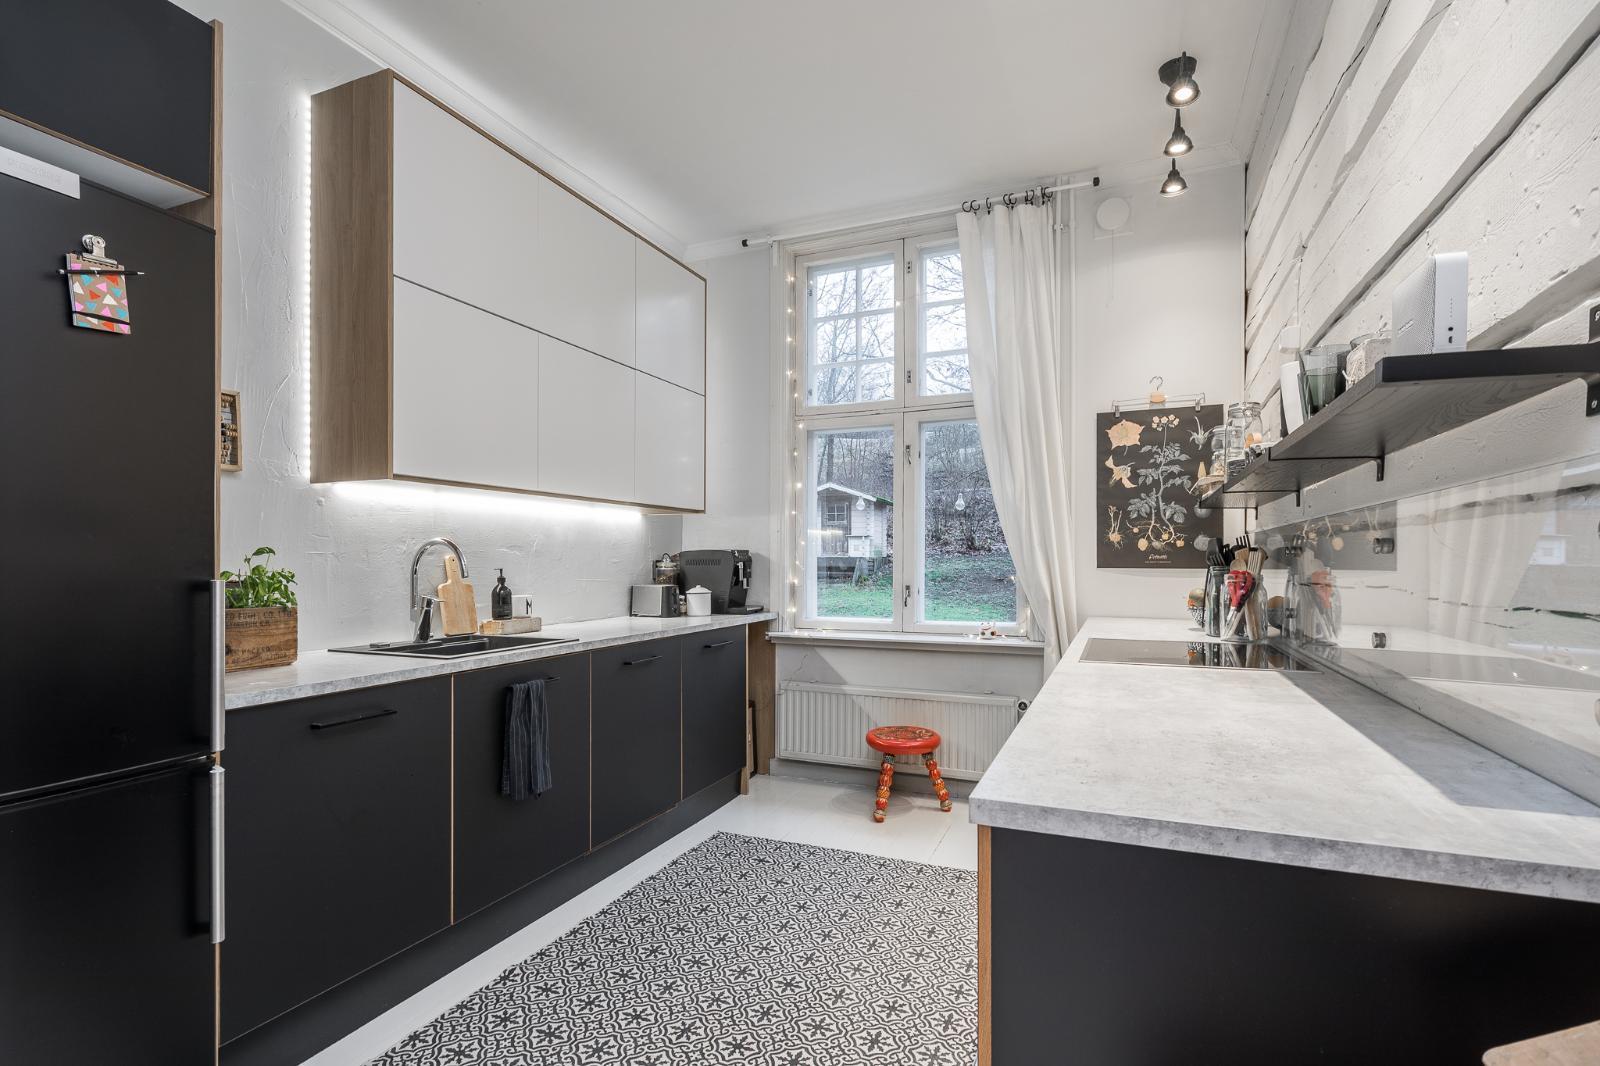 skandinaavinen sisustus keittiössä